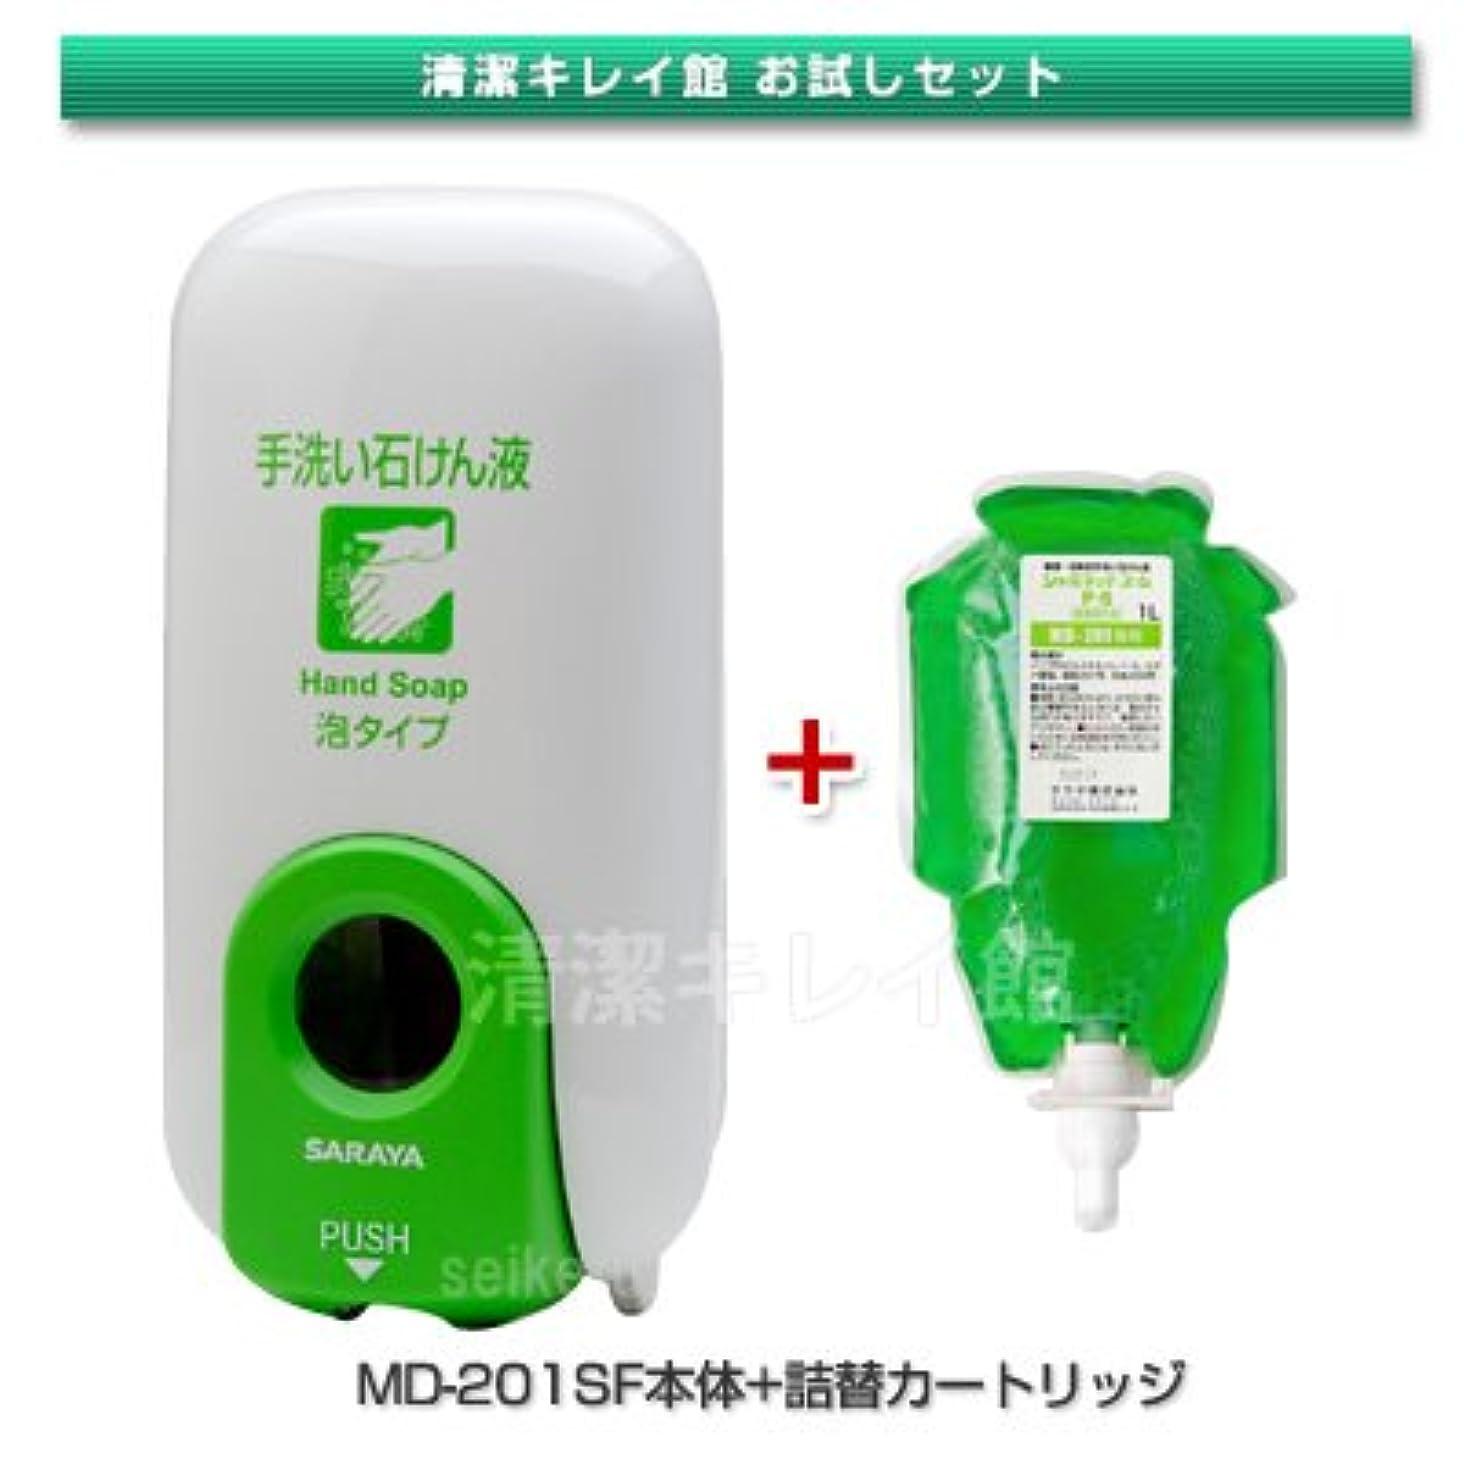 ながらすごい花サラヤ プッシュ式石鹸液 MD-201SF(泡)【清潔キレイ館お試しセット】(本体とカートリッジ/ユムP-5)